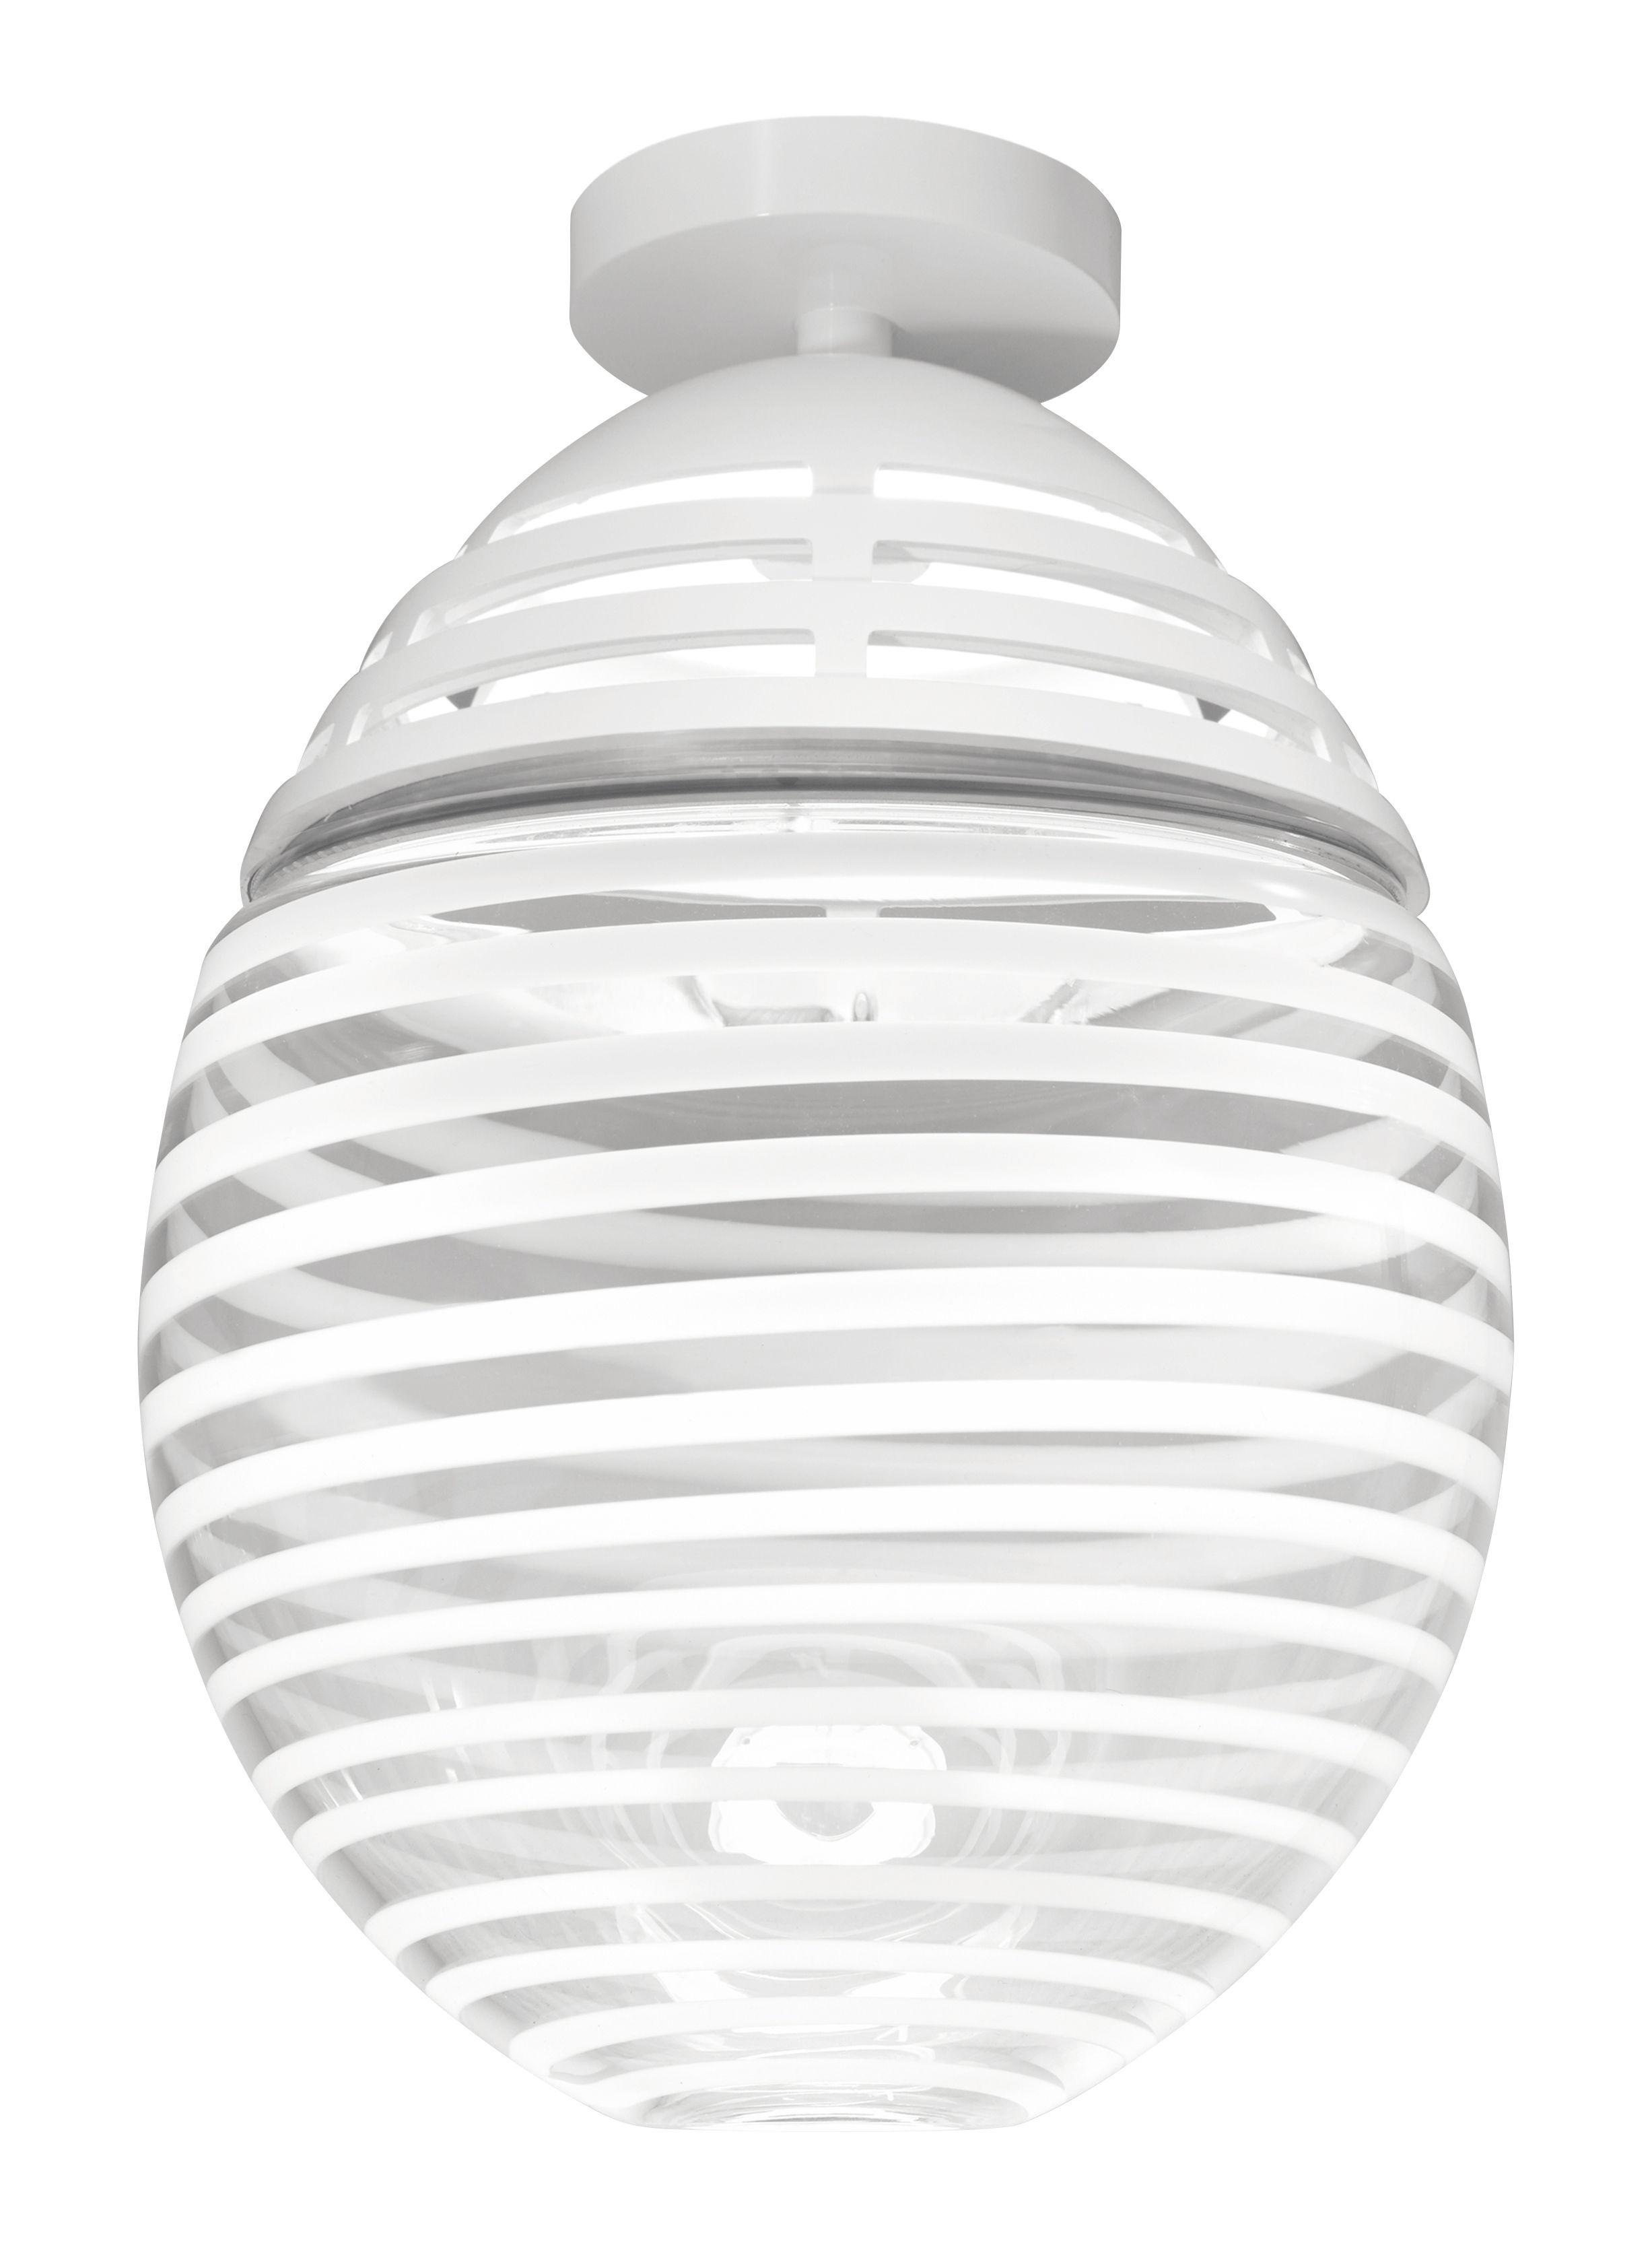 Leuchten - Deckenleuchten - Incalmo LED Deckenleuchte / Ø 39 cm x H 60 cm - mundgeblasenes Glas & Aluminium - Artemide - Transparent mit weißen Streifen - bemaltes Aluminium, geblasenes Glas